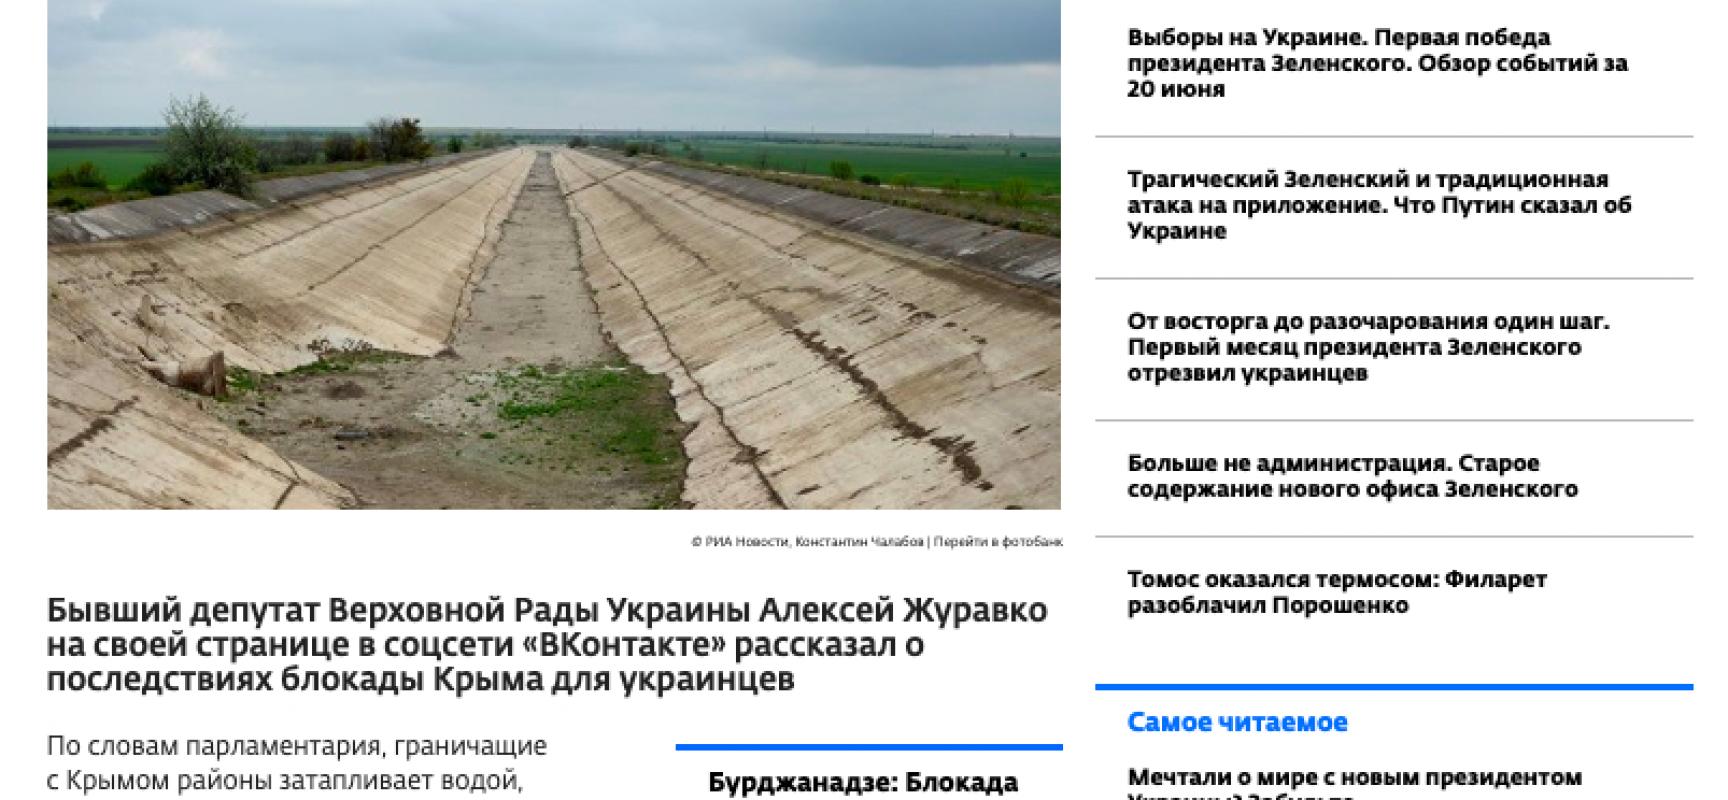 Fake: Ucraina catastrofe ecologica a causa del blocco idrico in Crimea